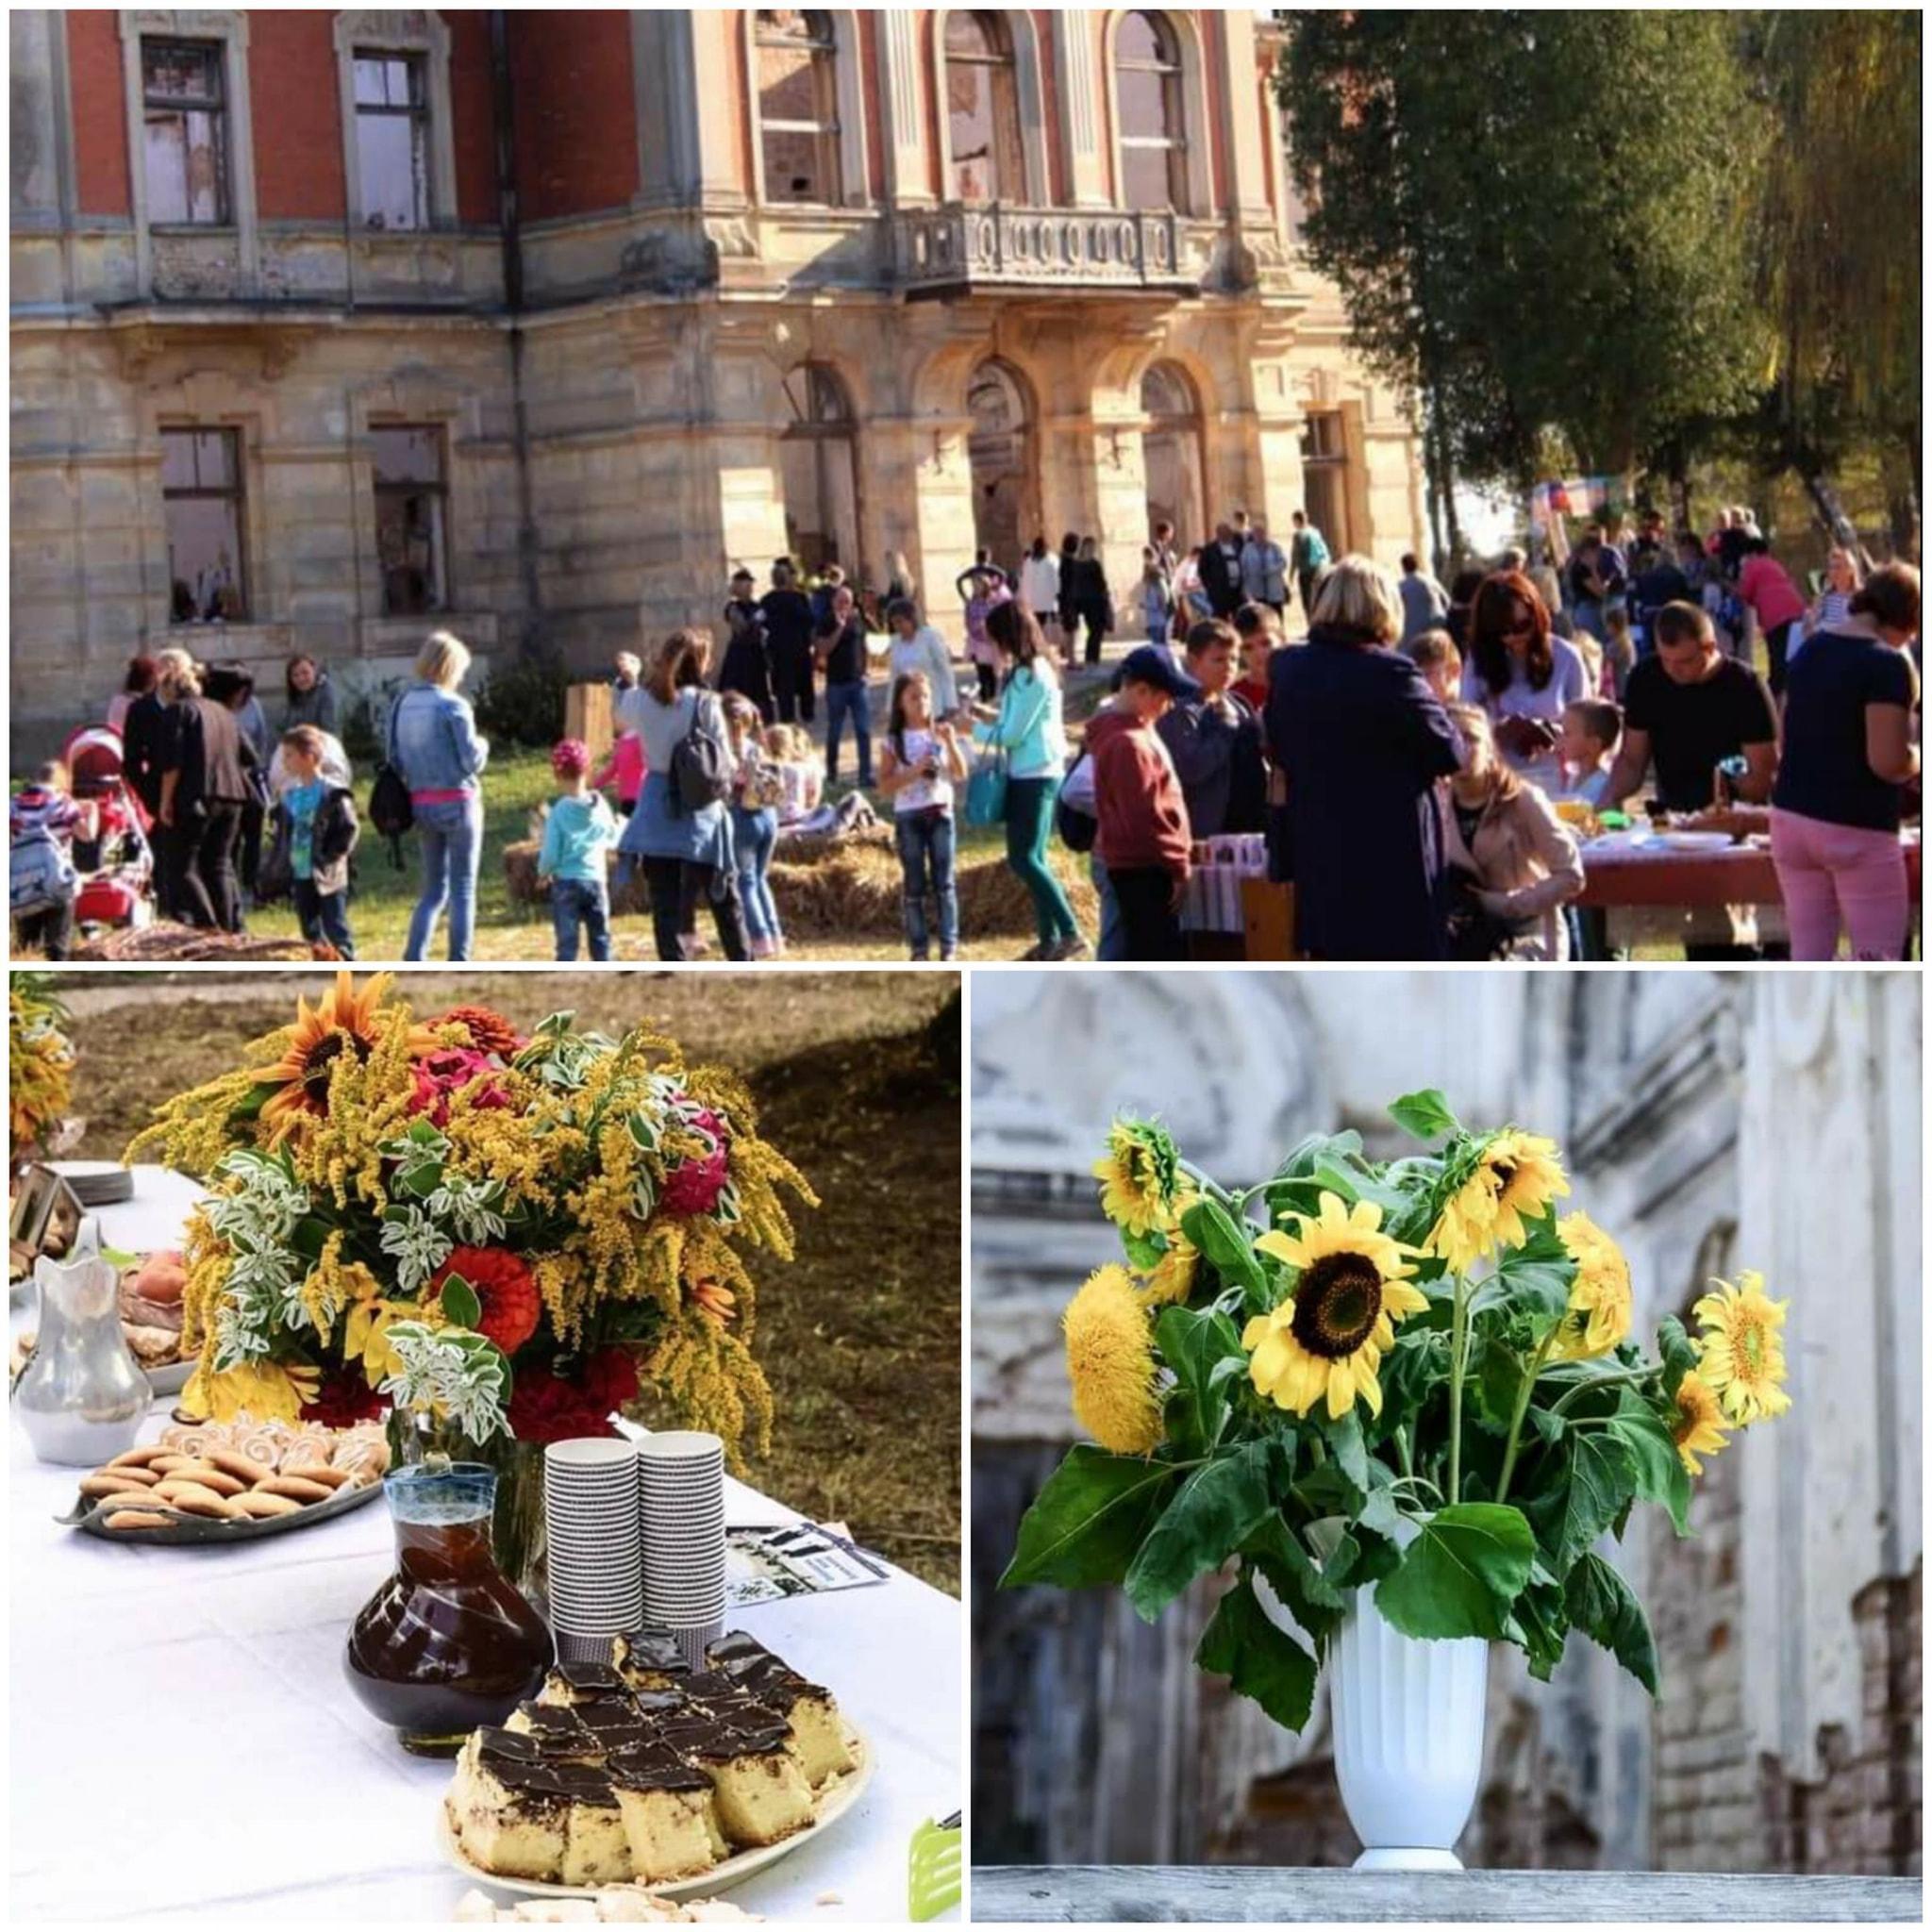 8 серпня  на території Тартаківського палацу відбудеться грандіозний фестиваль